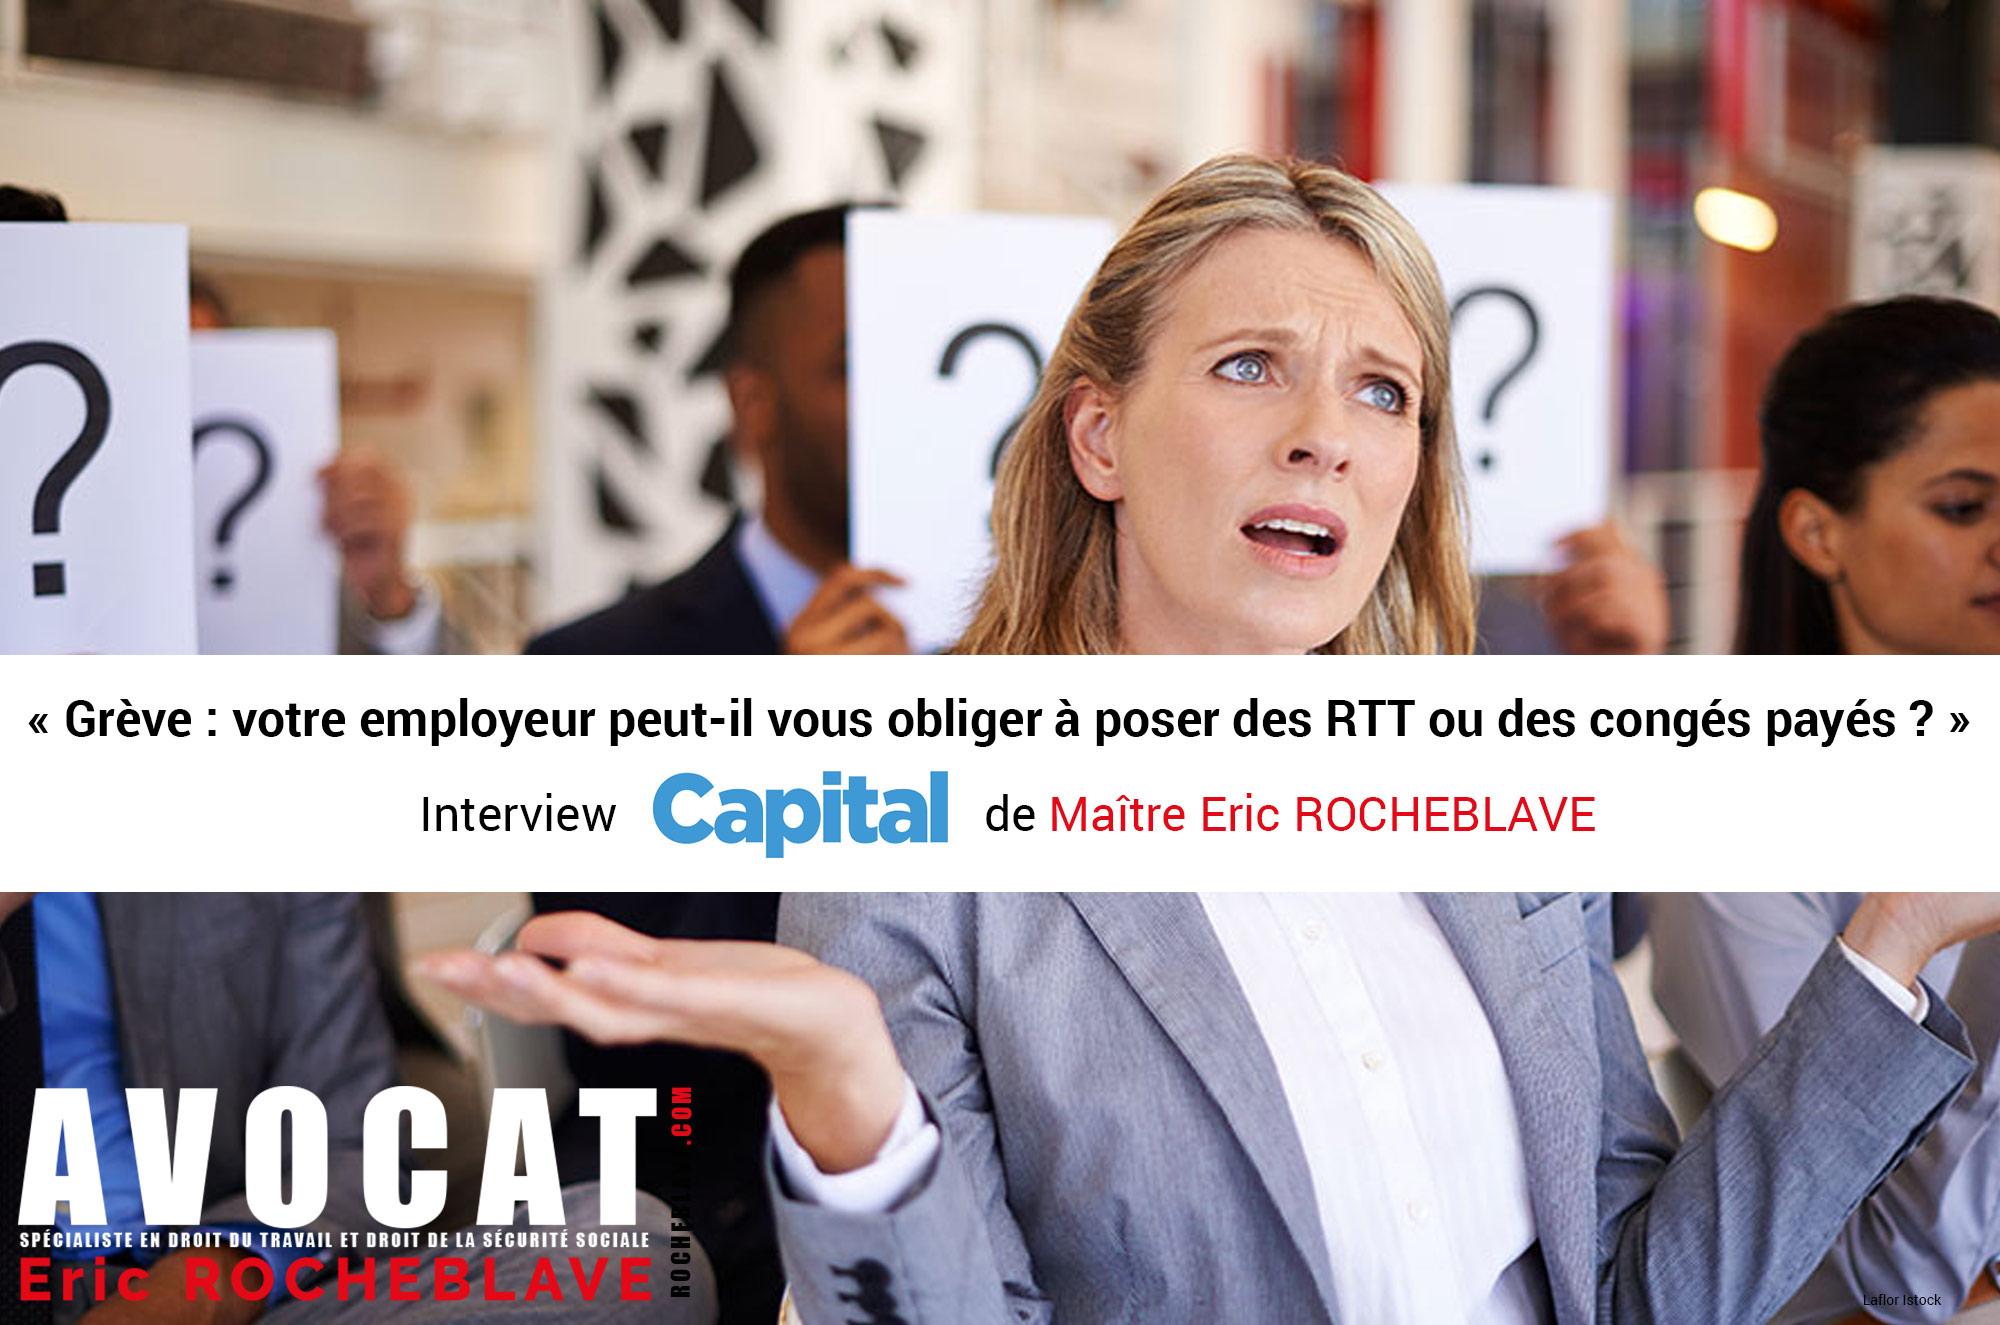 « Grève : votre employeur peut-il vous obliger à poser des RTT ou des congés payés ? »  Interview CAPITAL de Maître Eric ROCHEBLAVE